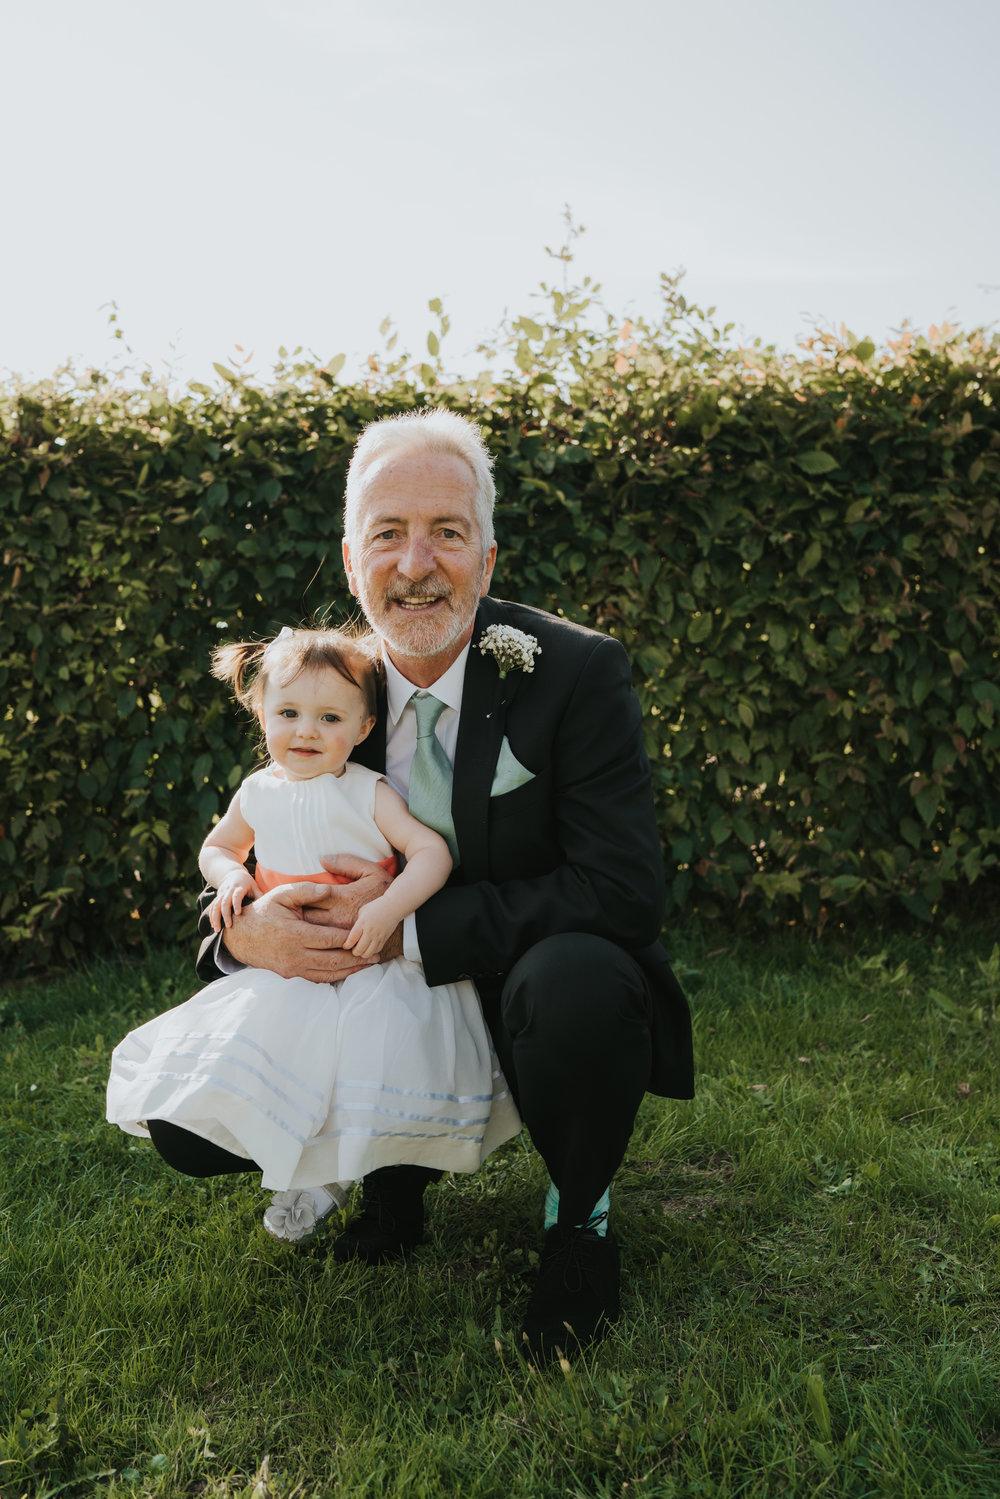 Joe-Tiffany-Colchester-Castle-Wedding-Essex-Grace-Elizabeth-Colchester-Essex-Alternative-Wedding-Photographer-Suffolk-Norfolk-Devon (90 of 122).jpg